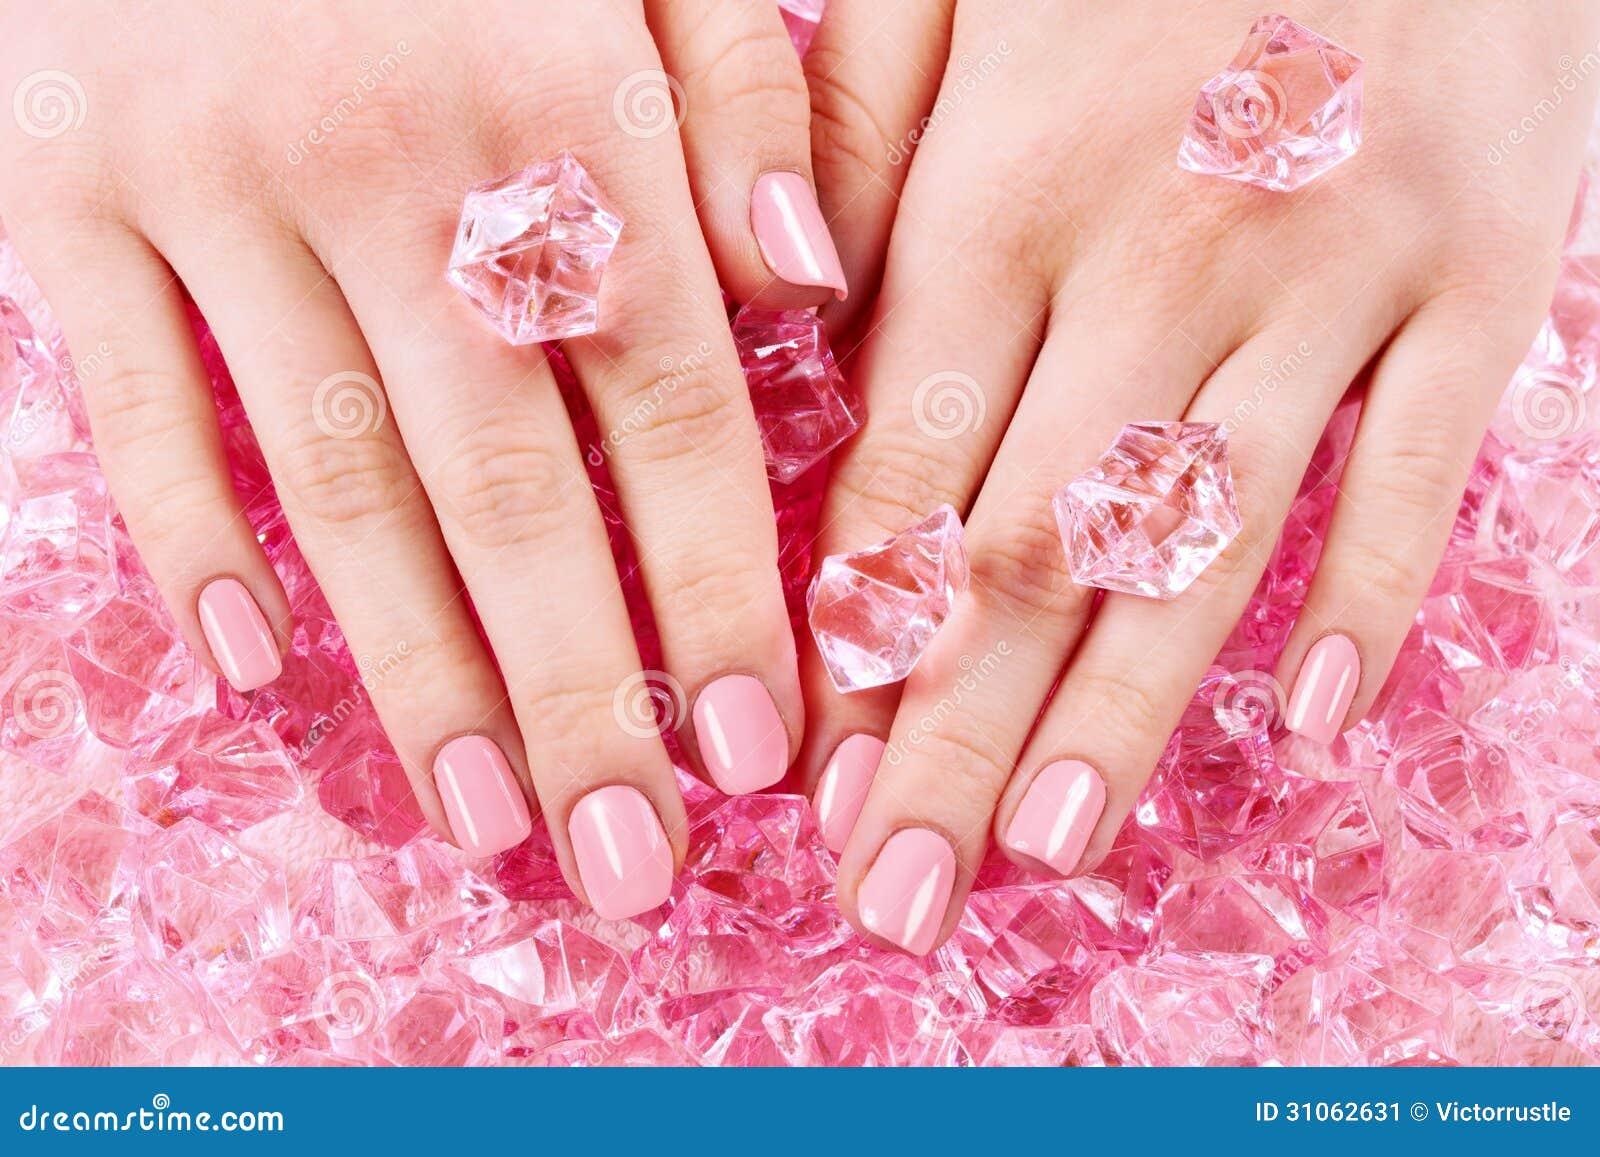 красивые картинки рук